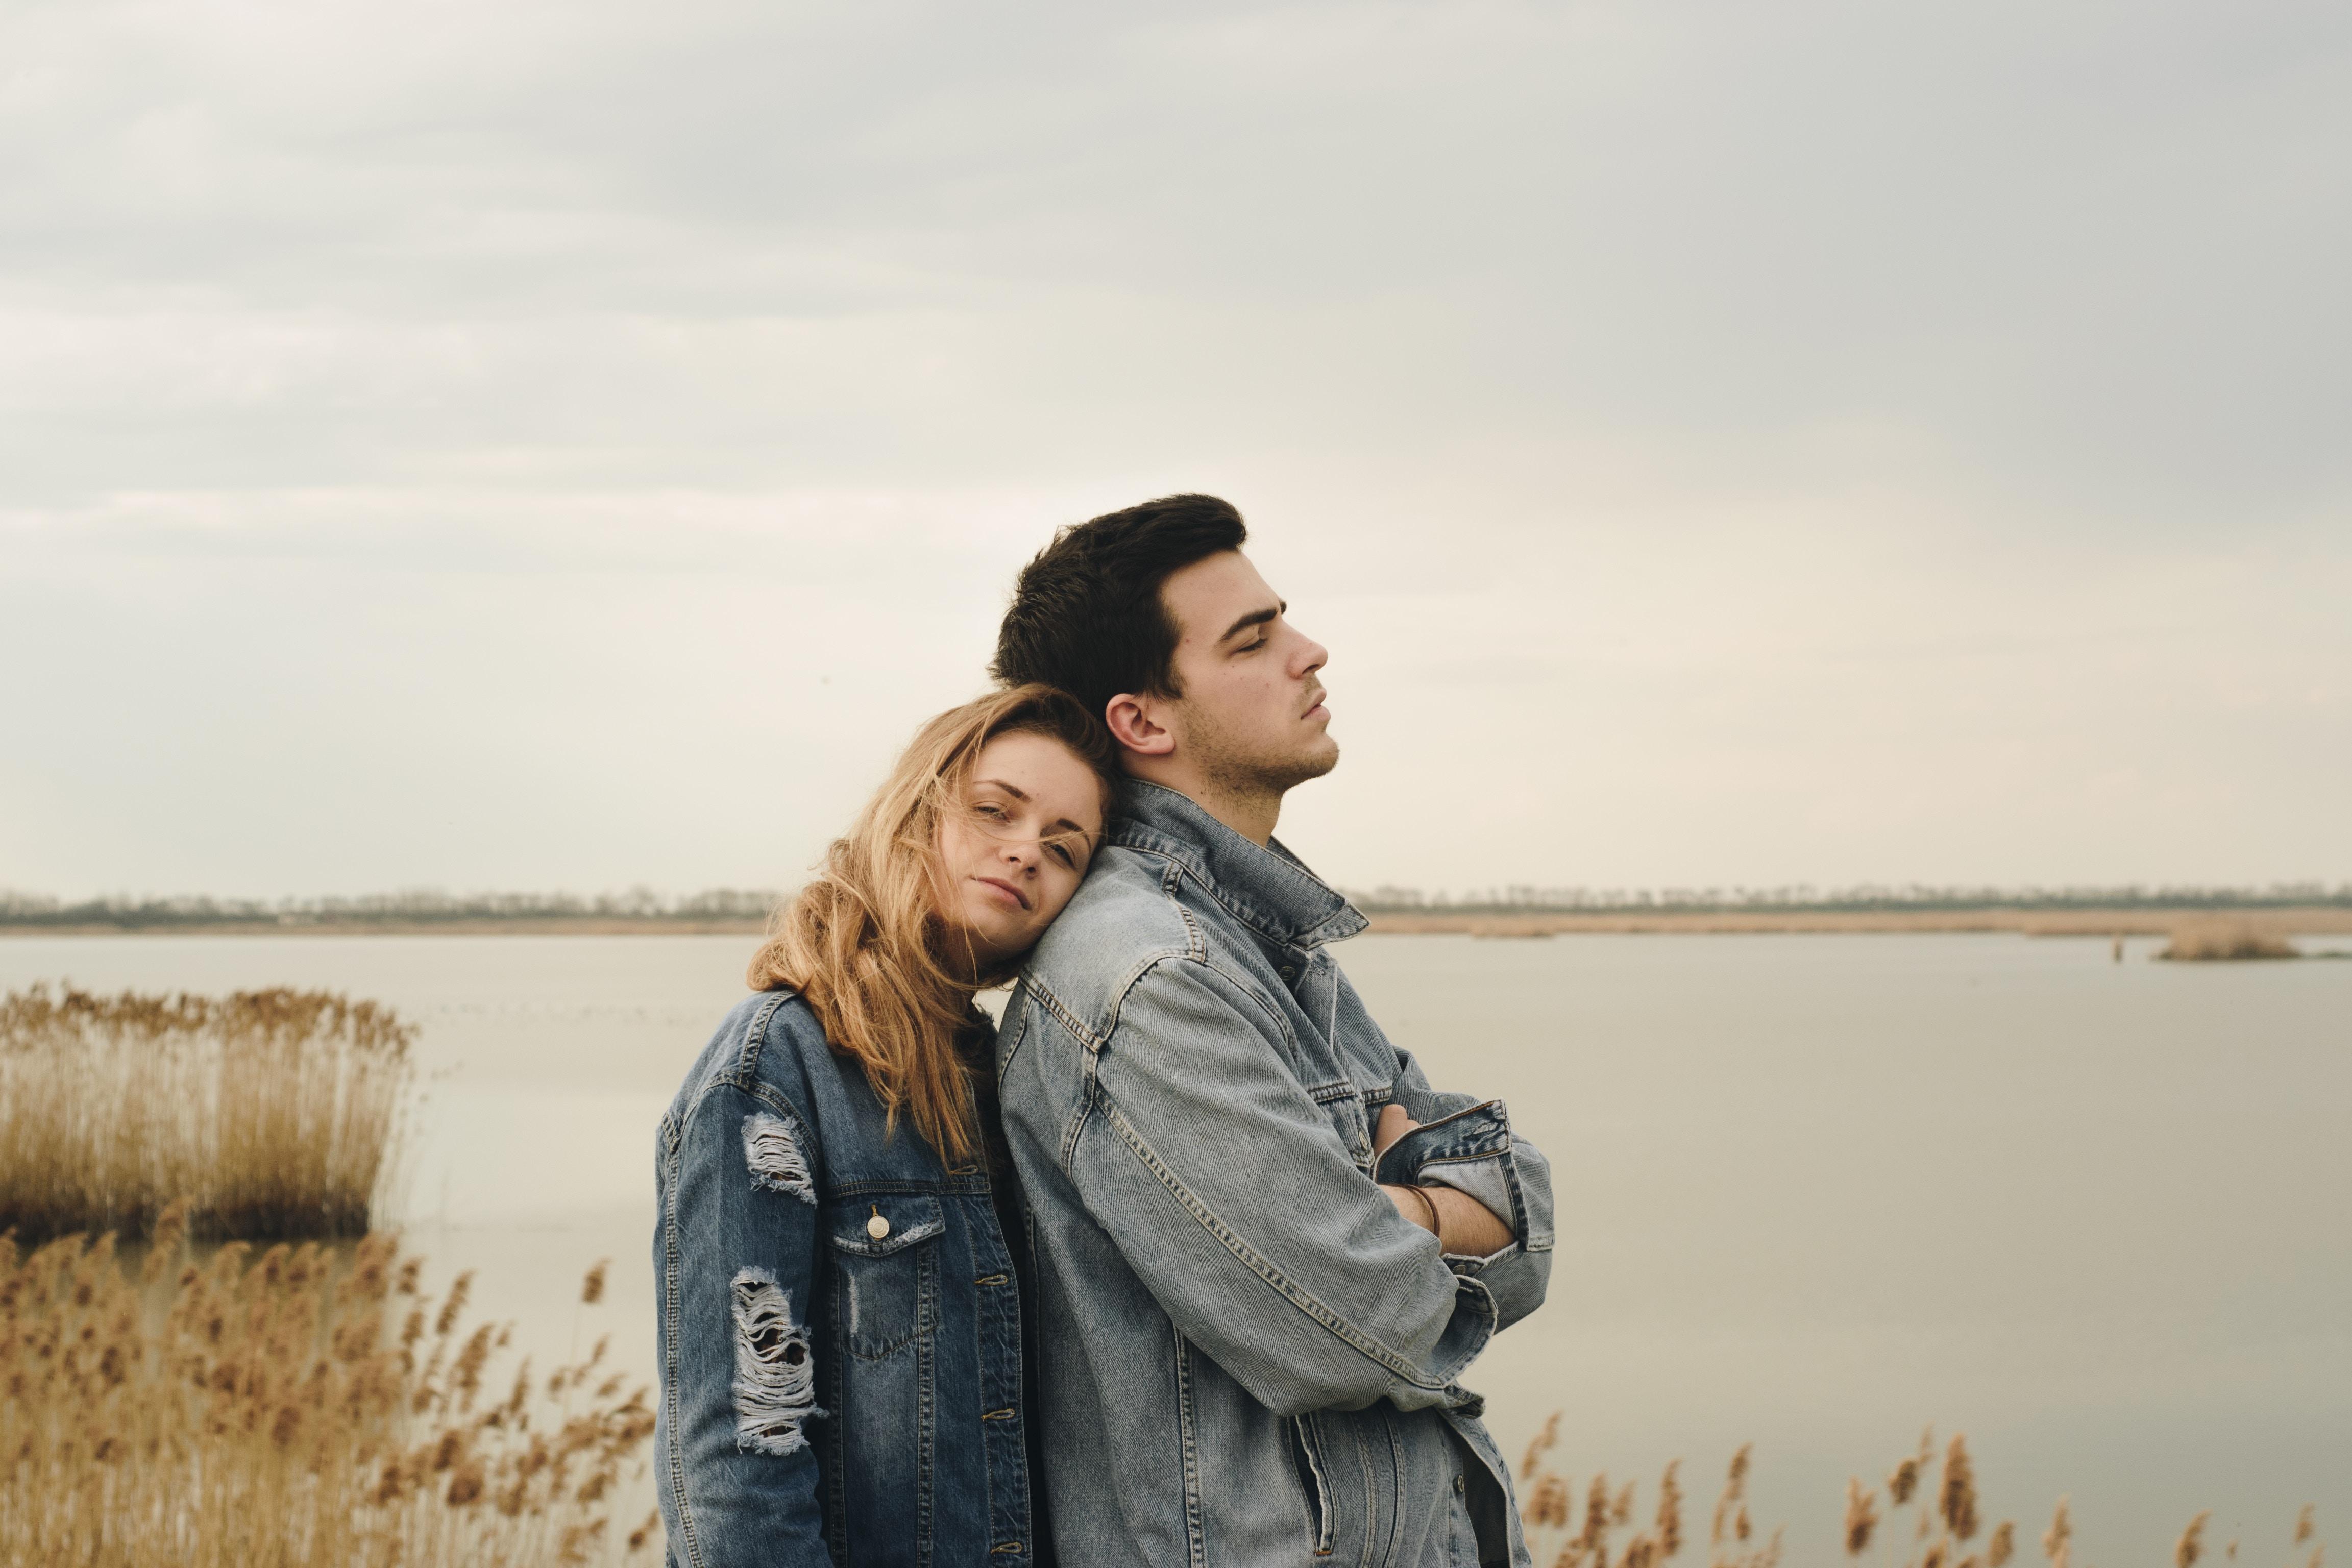 niet gelukkig in relatie